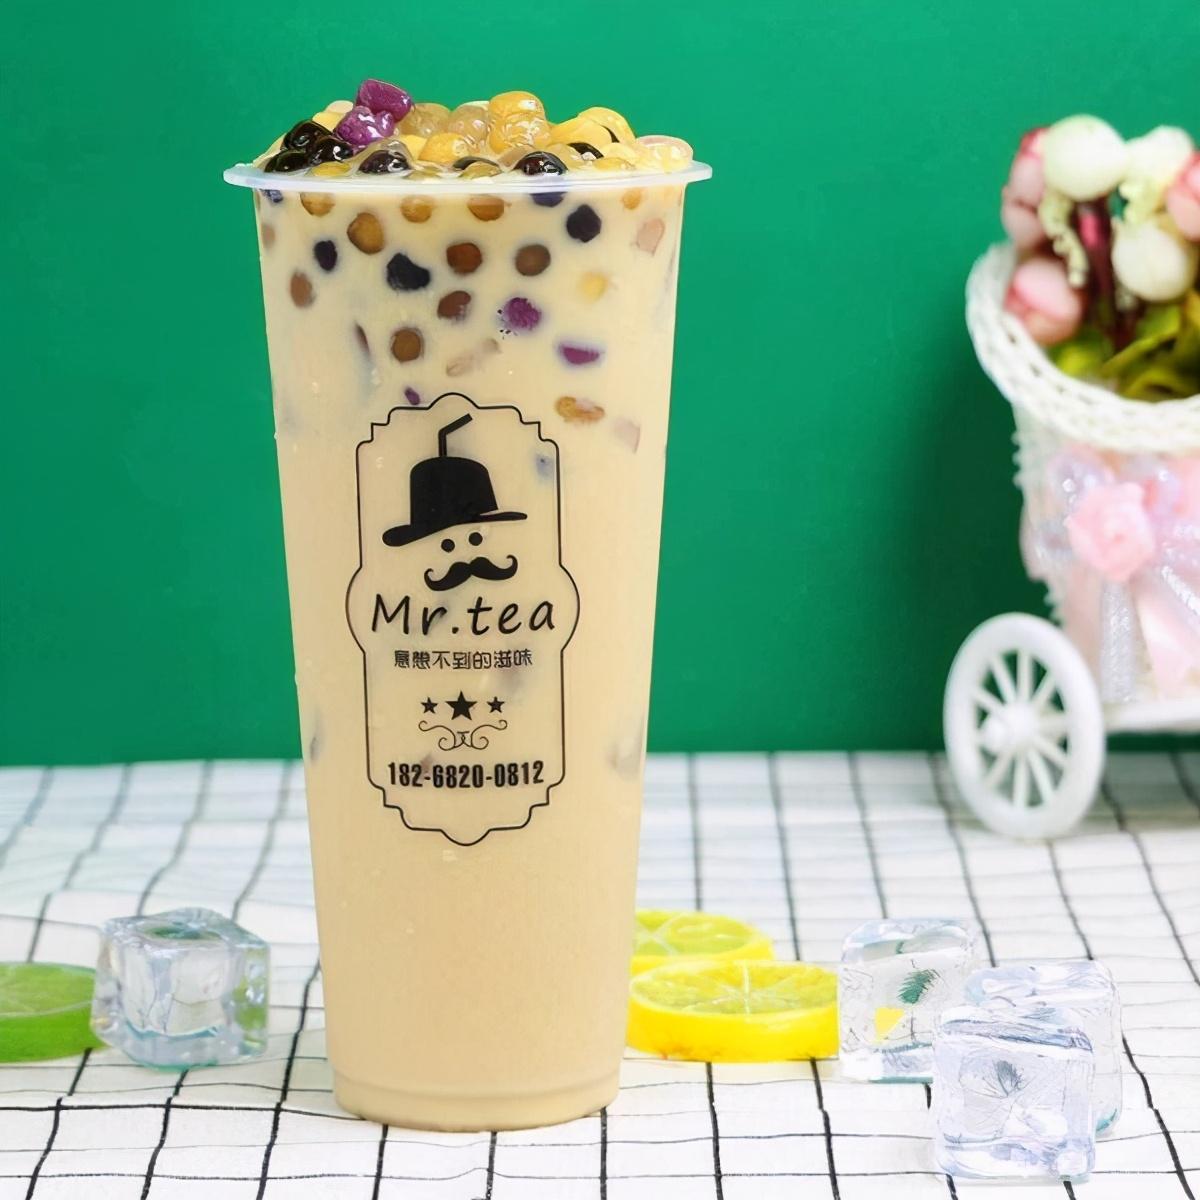 上海抽检奶茶店全部存在问题,奶茶的摄入真的需要警惕